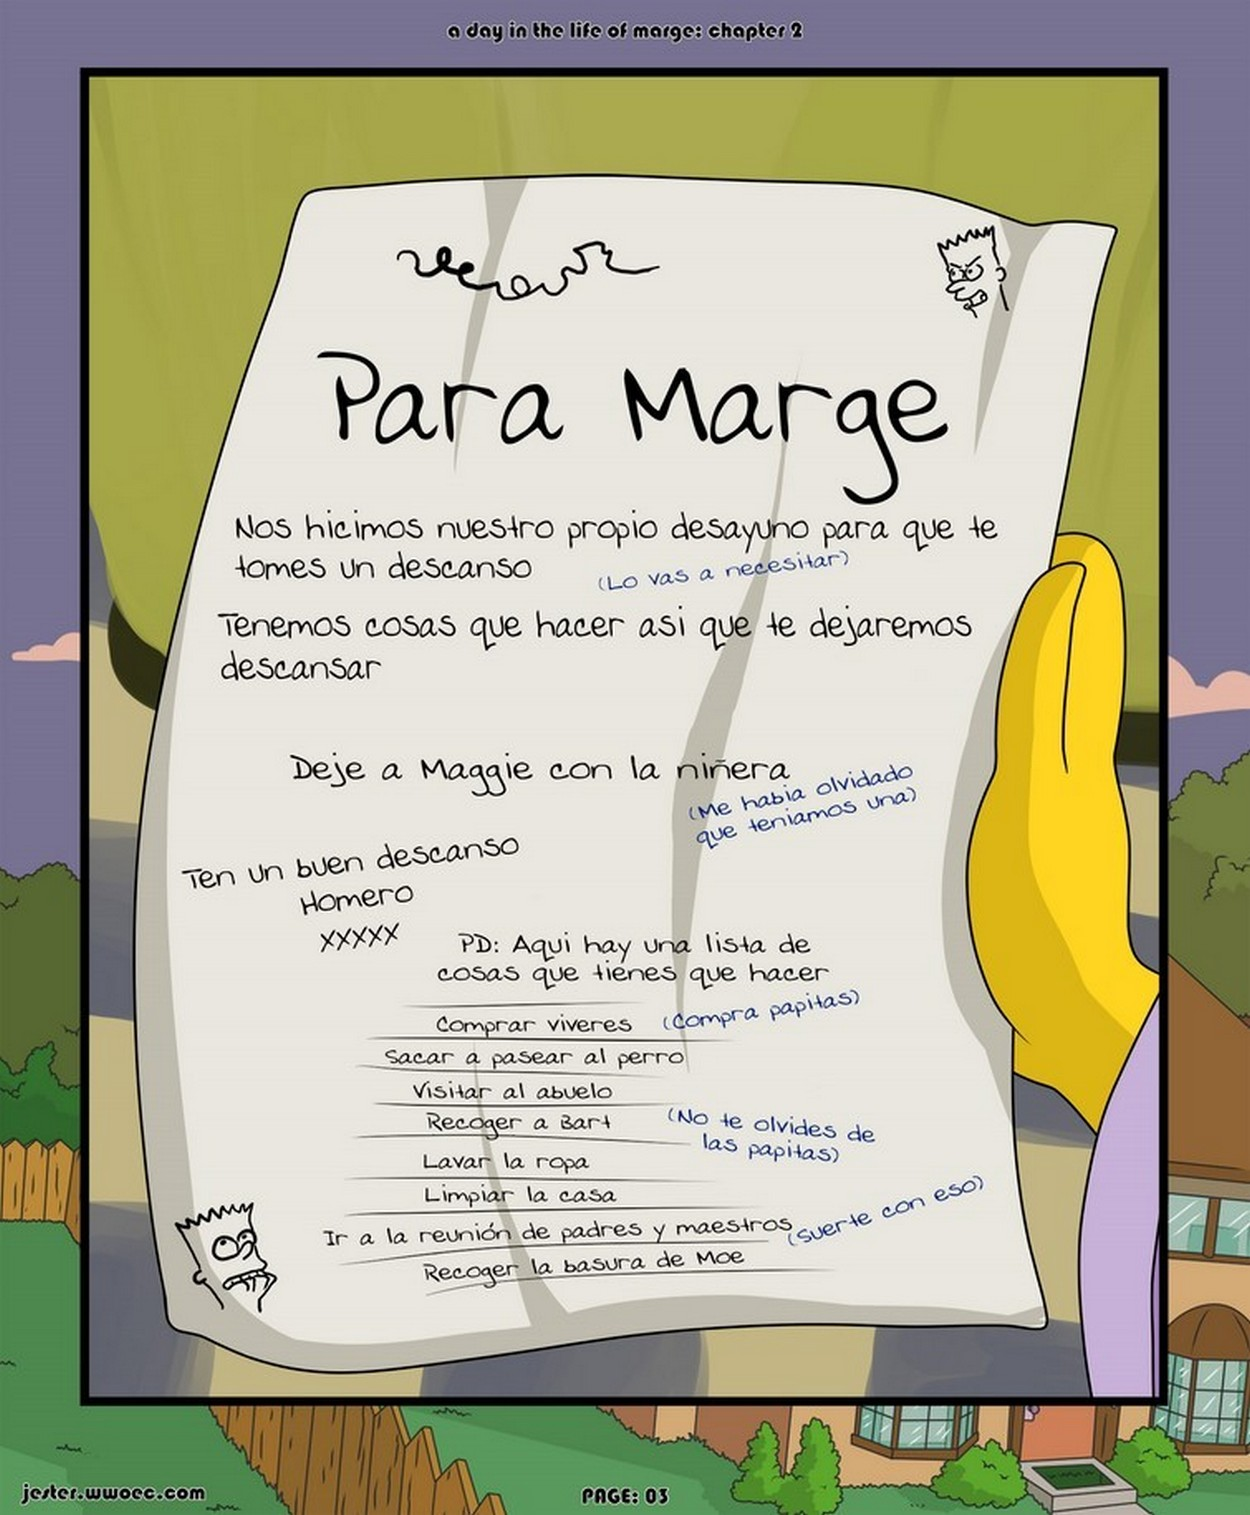 Marge-Simpsons-03.jpg